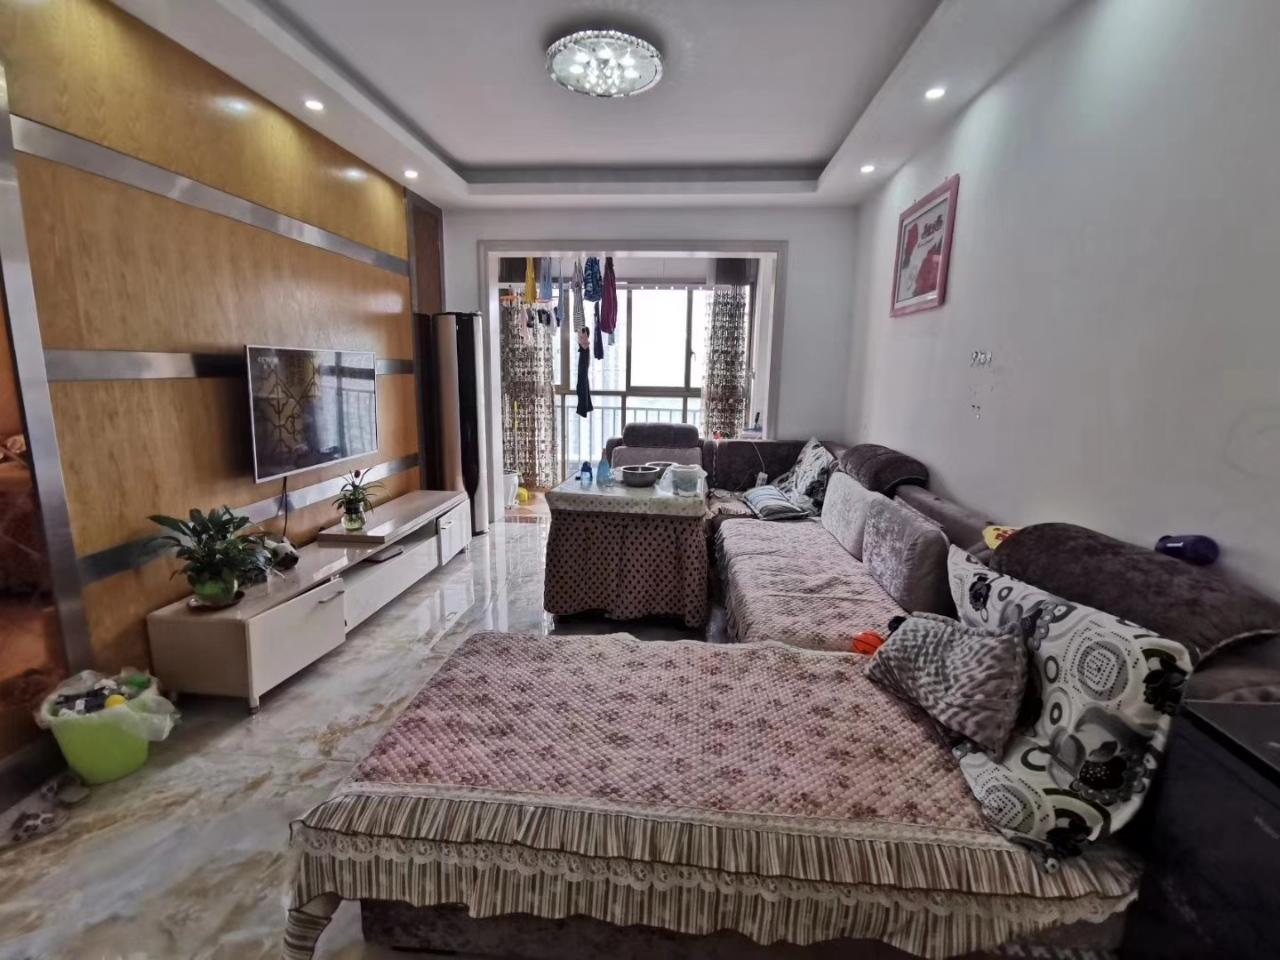 好房仁怀惠邦国际城3室 2厅 1卫78.5万元